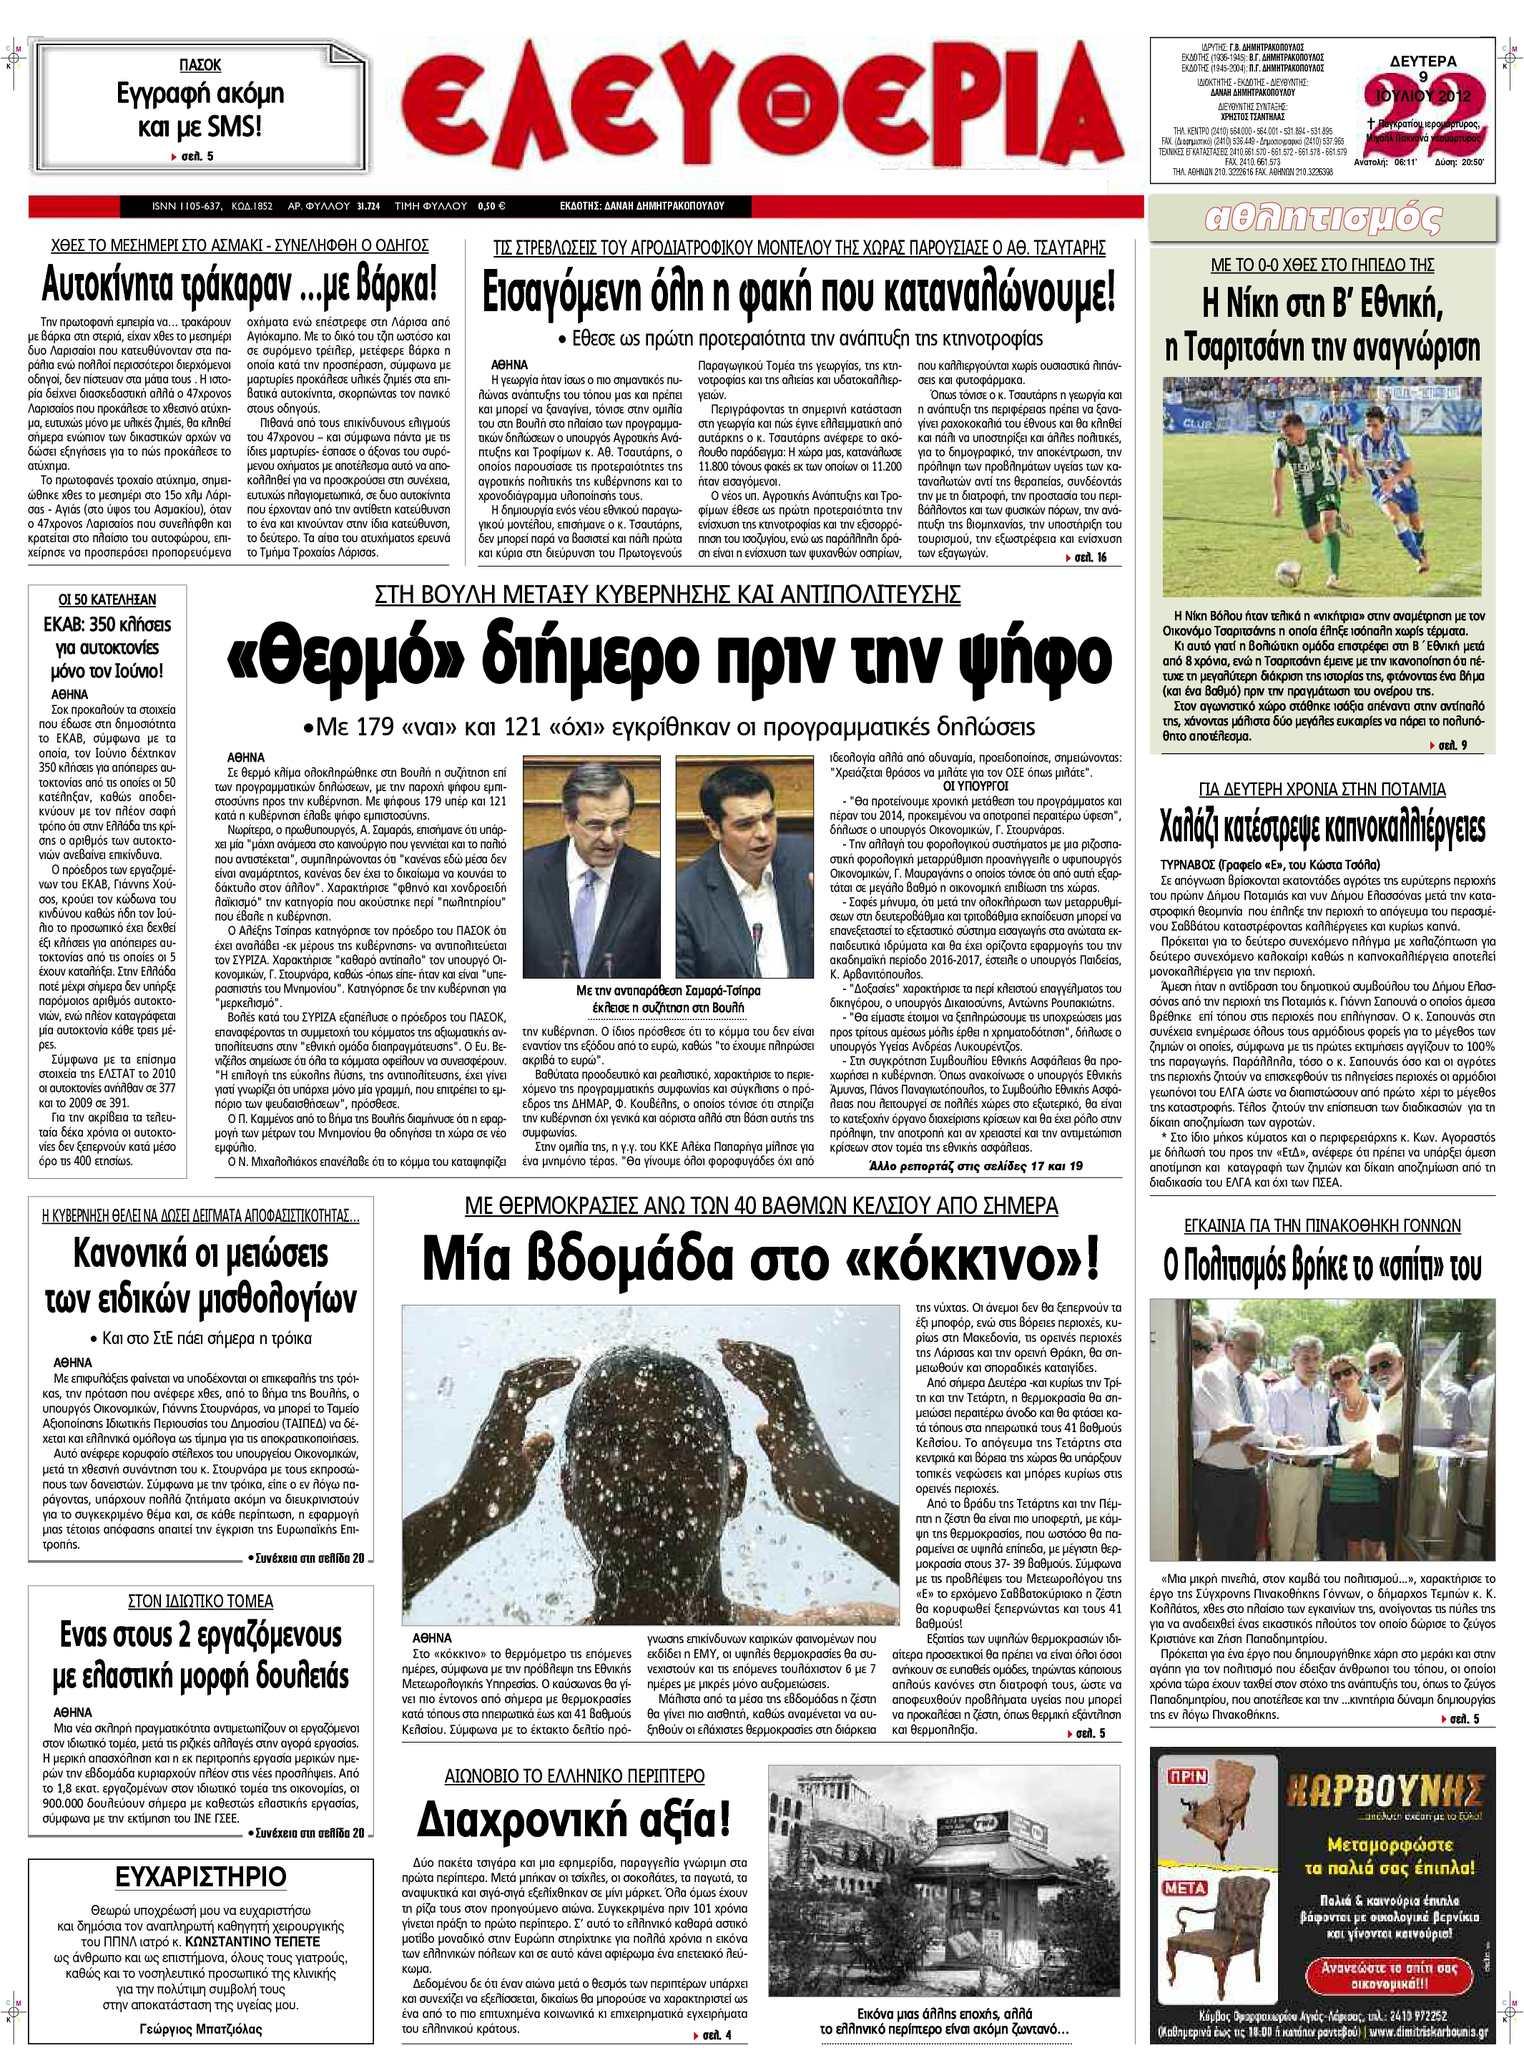 Calaméo - Eleftheria.gr 09 07 2012 7e664977ab8